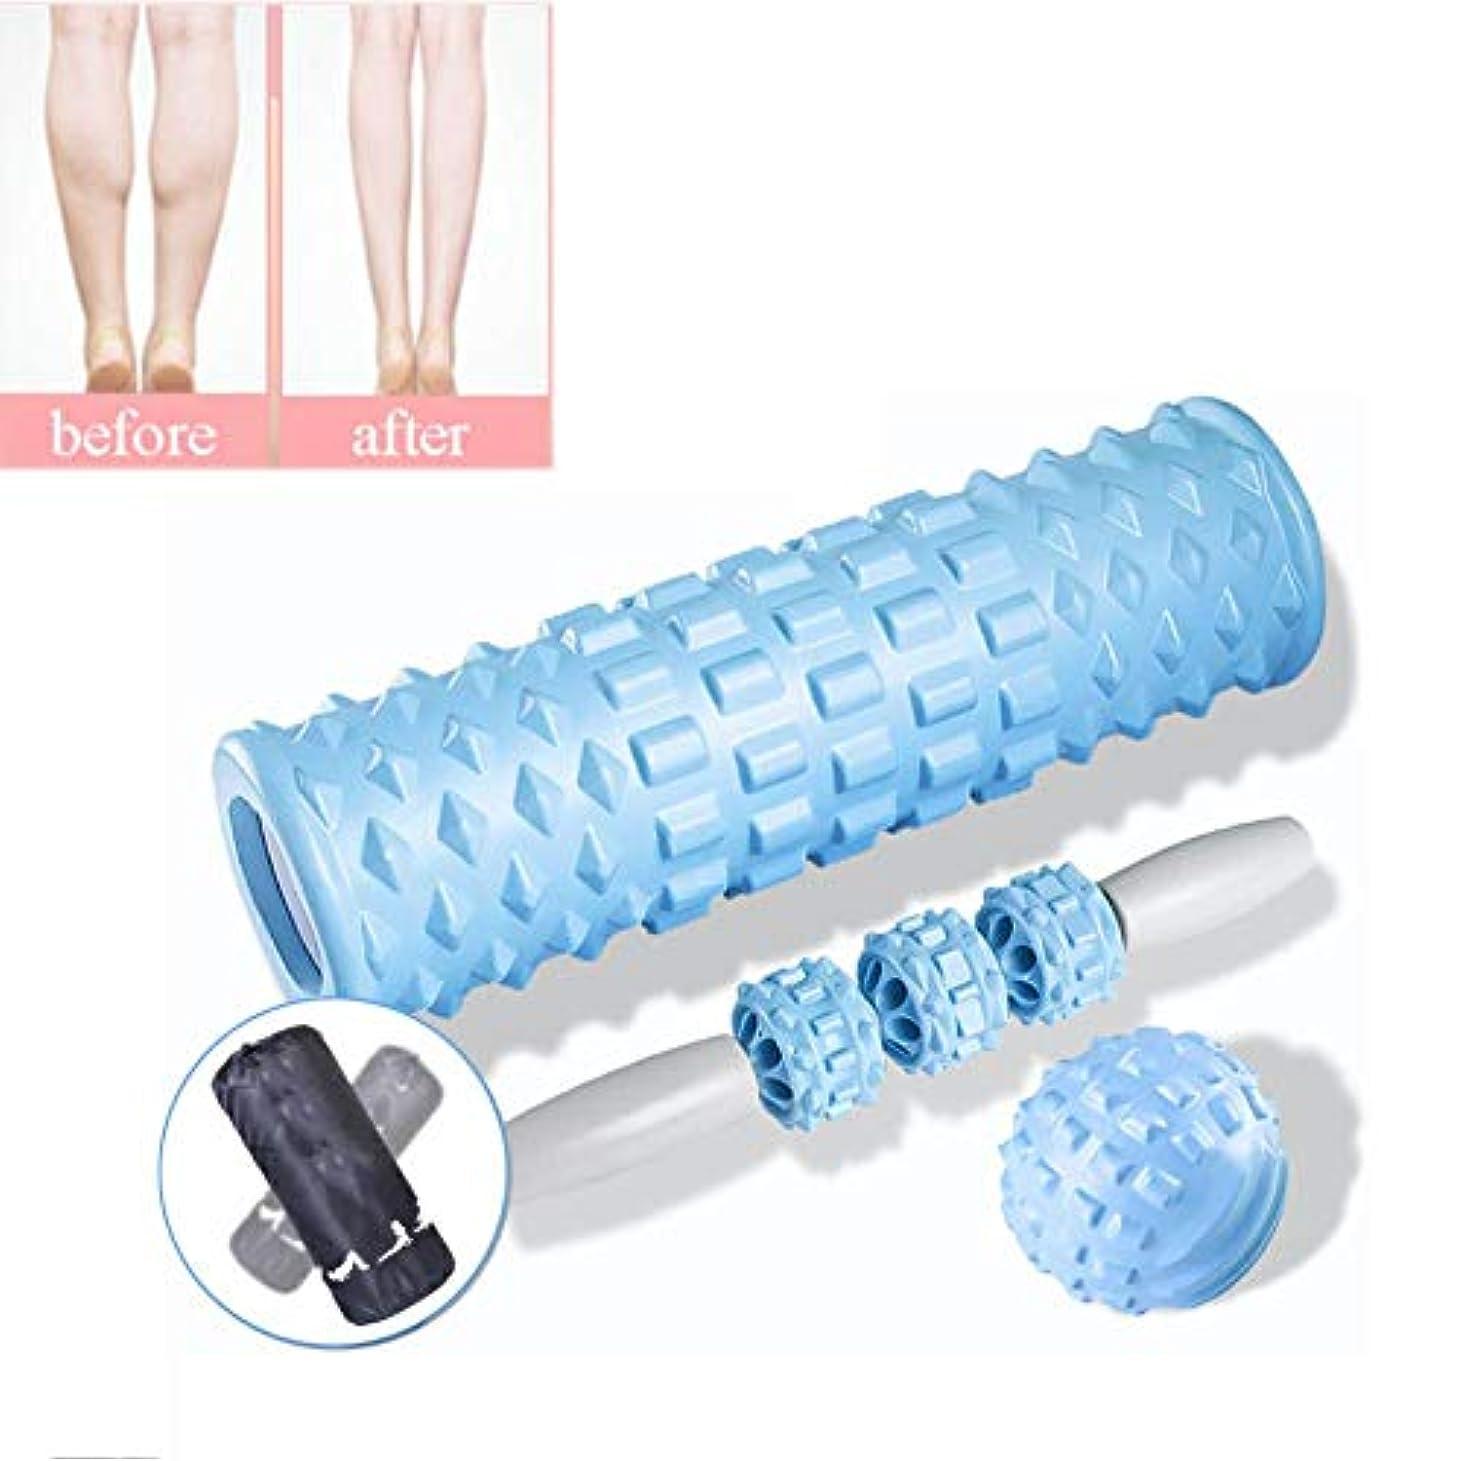 アテンダント不適現実にはフォームローラー 筋肉理学療法スポーツディープティッシュ筋肉マッサージスリーピースのための浮動小数点泡ローラー,Pink